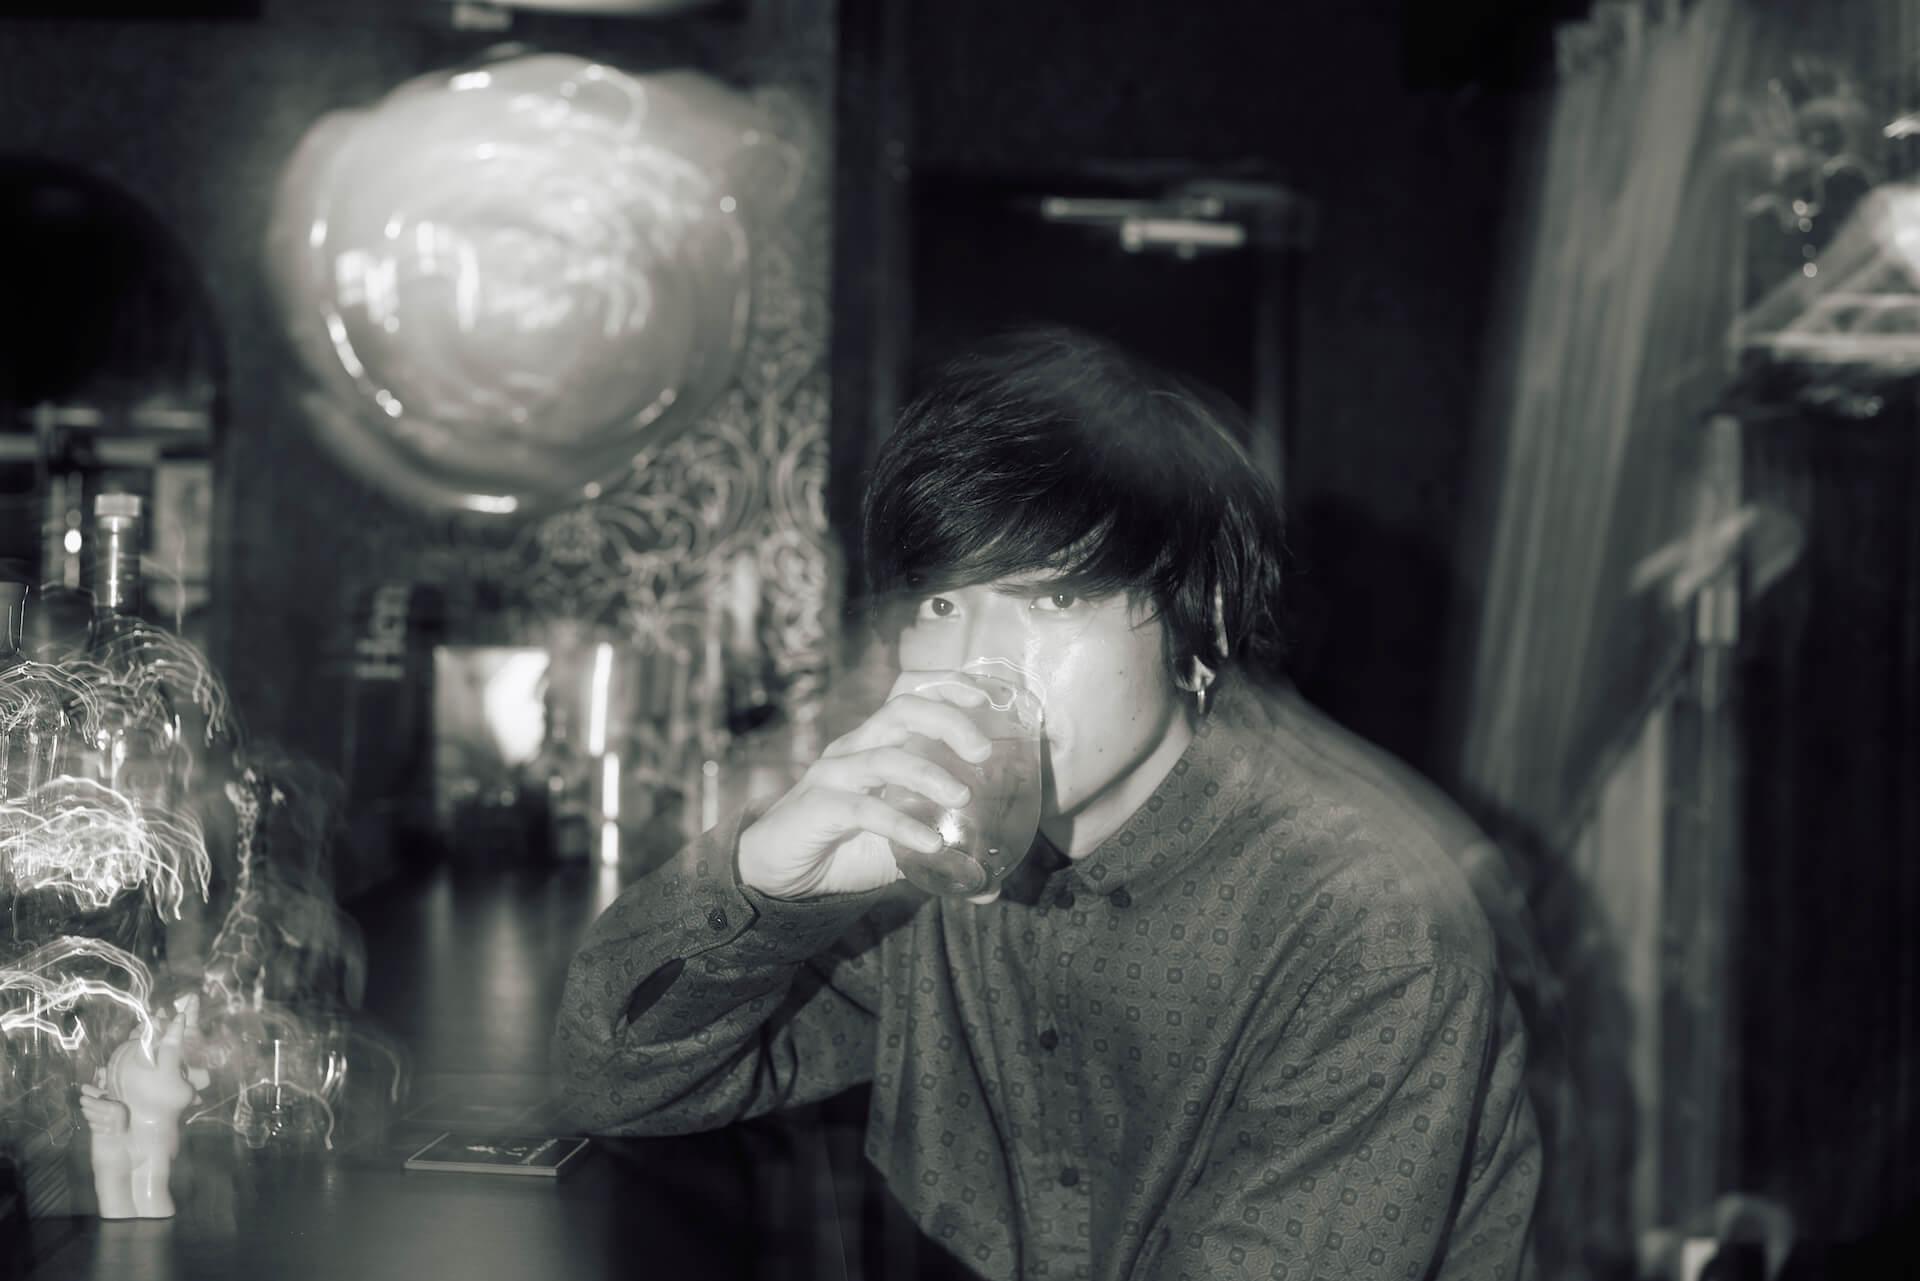 """サブプロジェクトから「3人のバンド」へ——きのこ帝国・西村""""コン""""擁するバンド add インタビュー interview210521_add-013"""